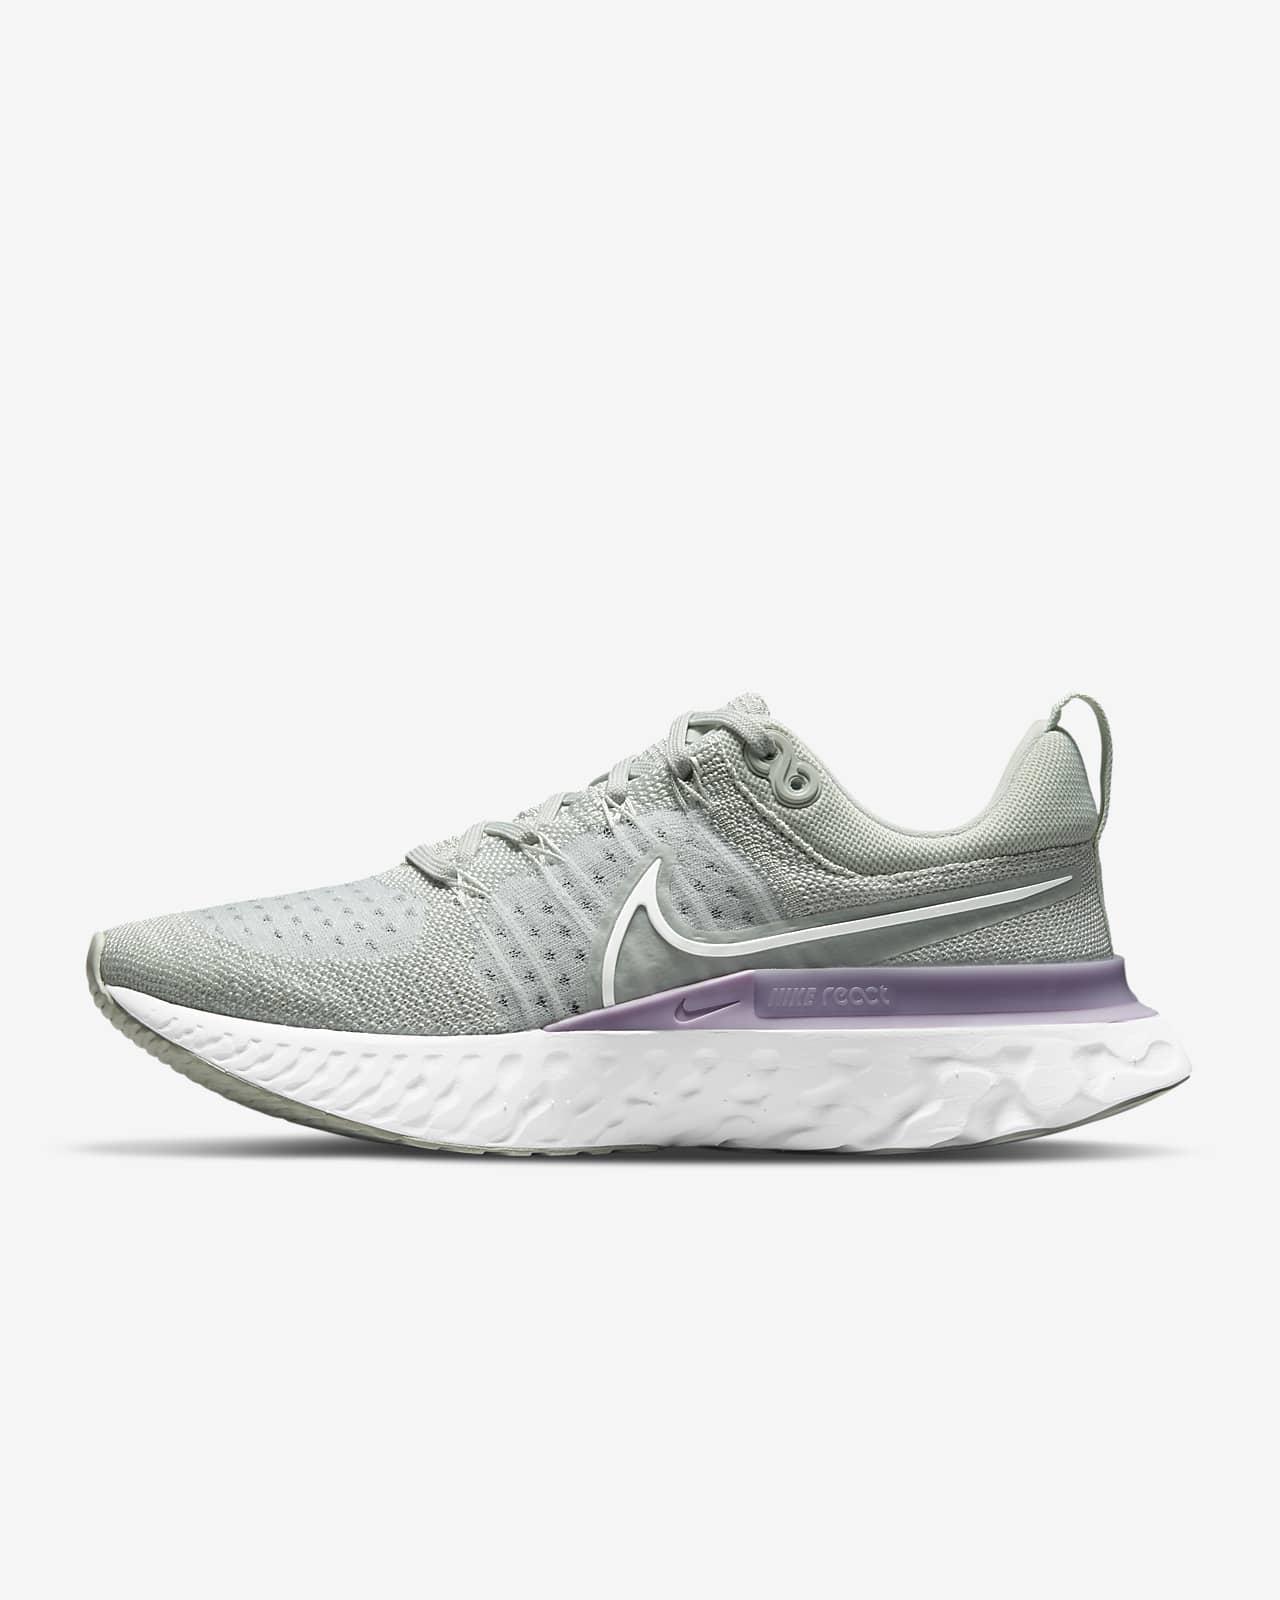 รองเท้าวิ่งผู้หญิง Nike React Infinity Run Flyknit 2